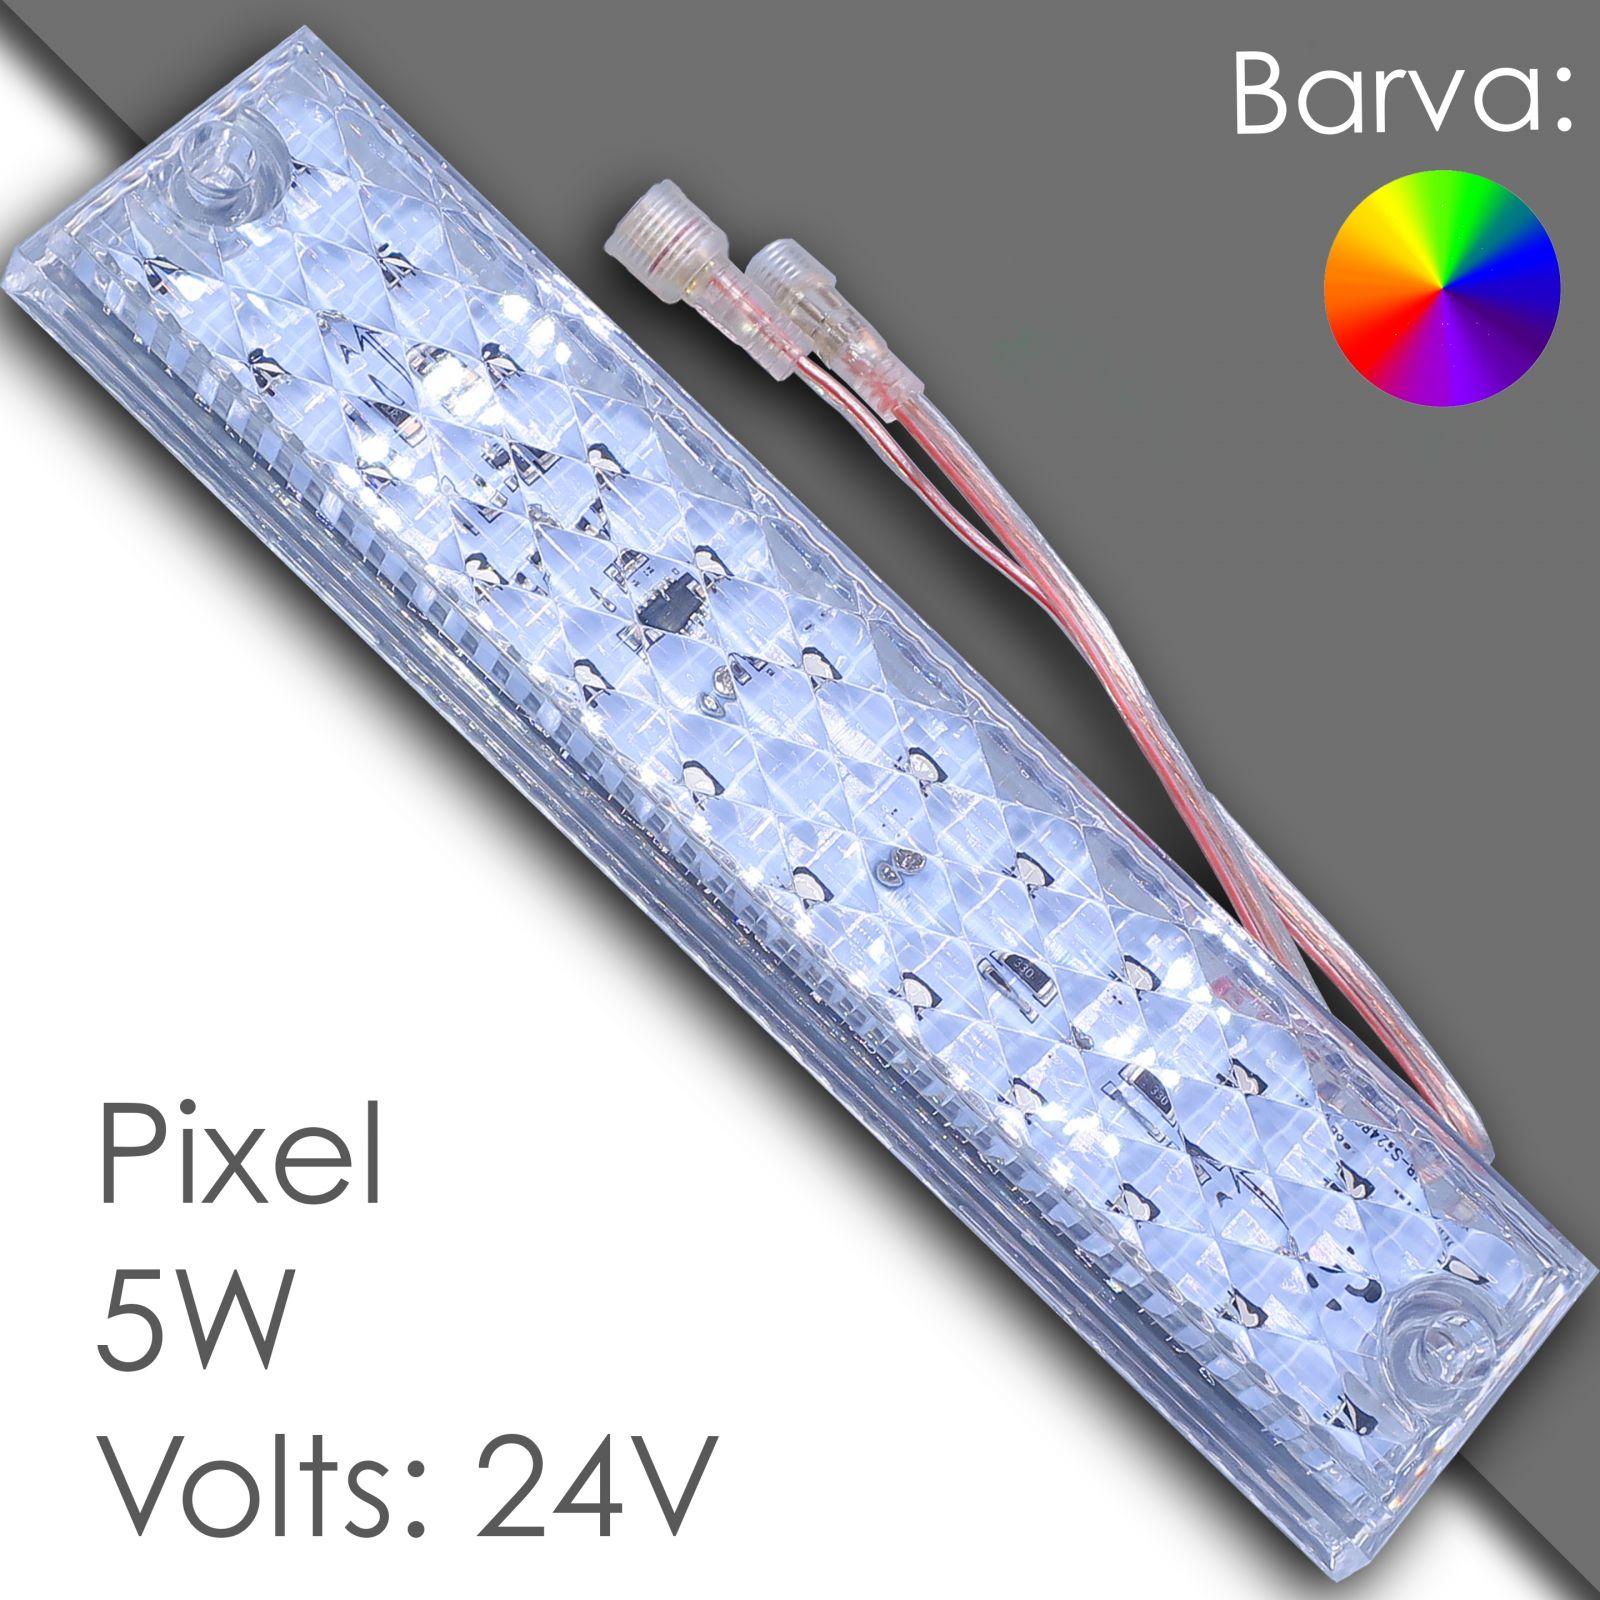 Led pixel rgb 250mm programmable, waterproof